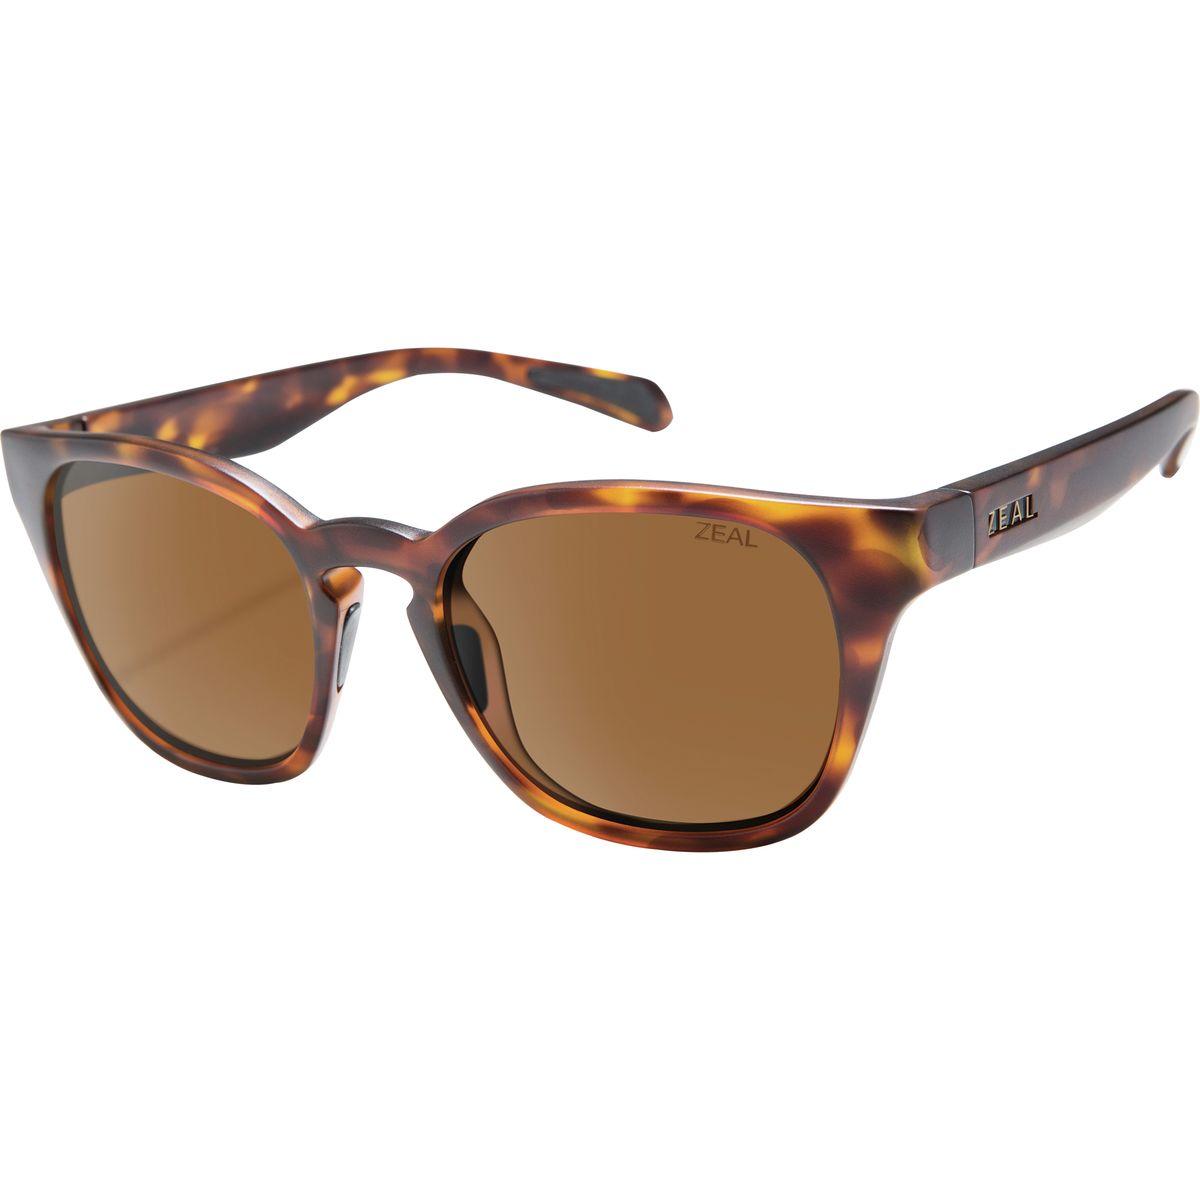 Zeal Windsor Polarized Sunglasses